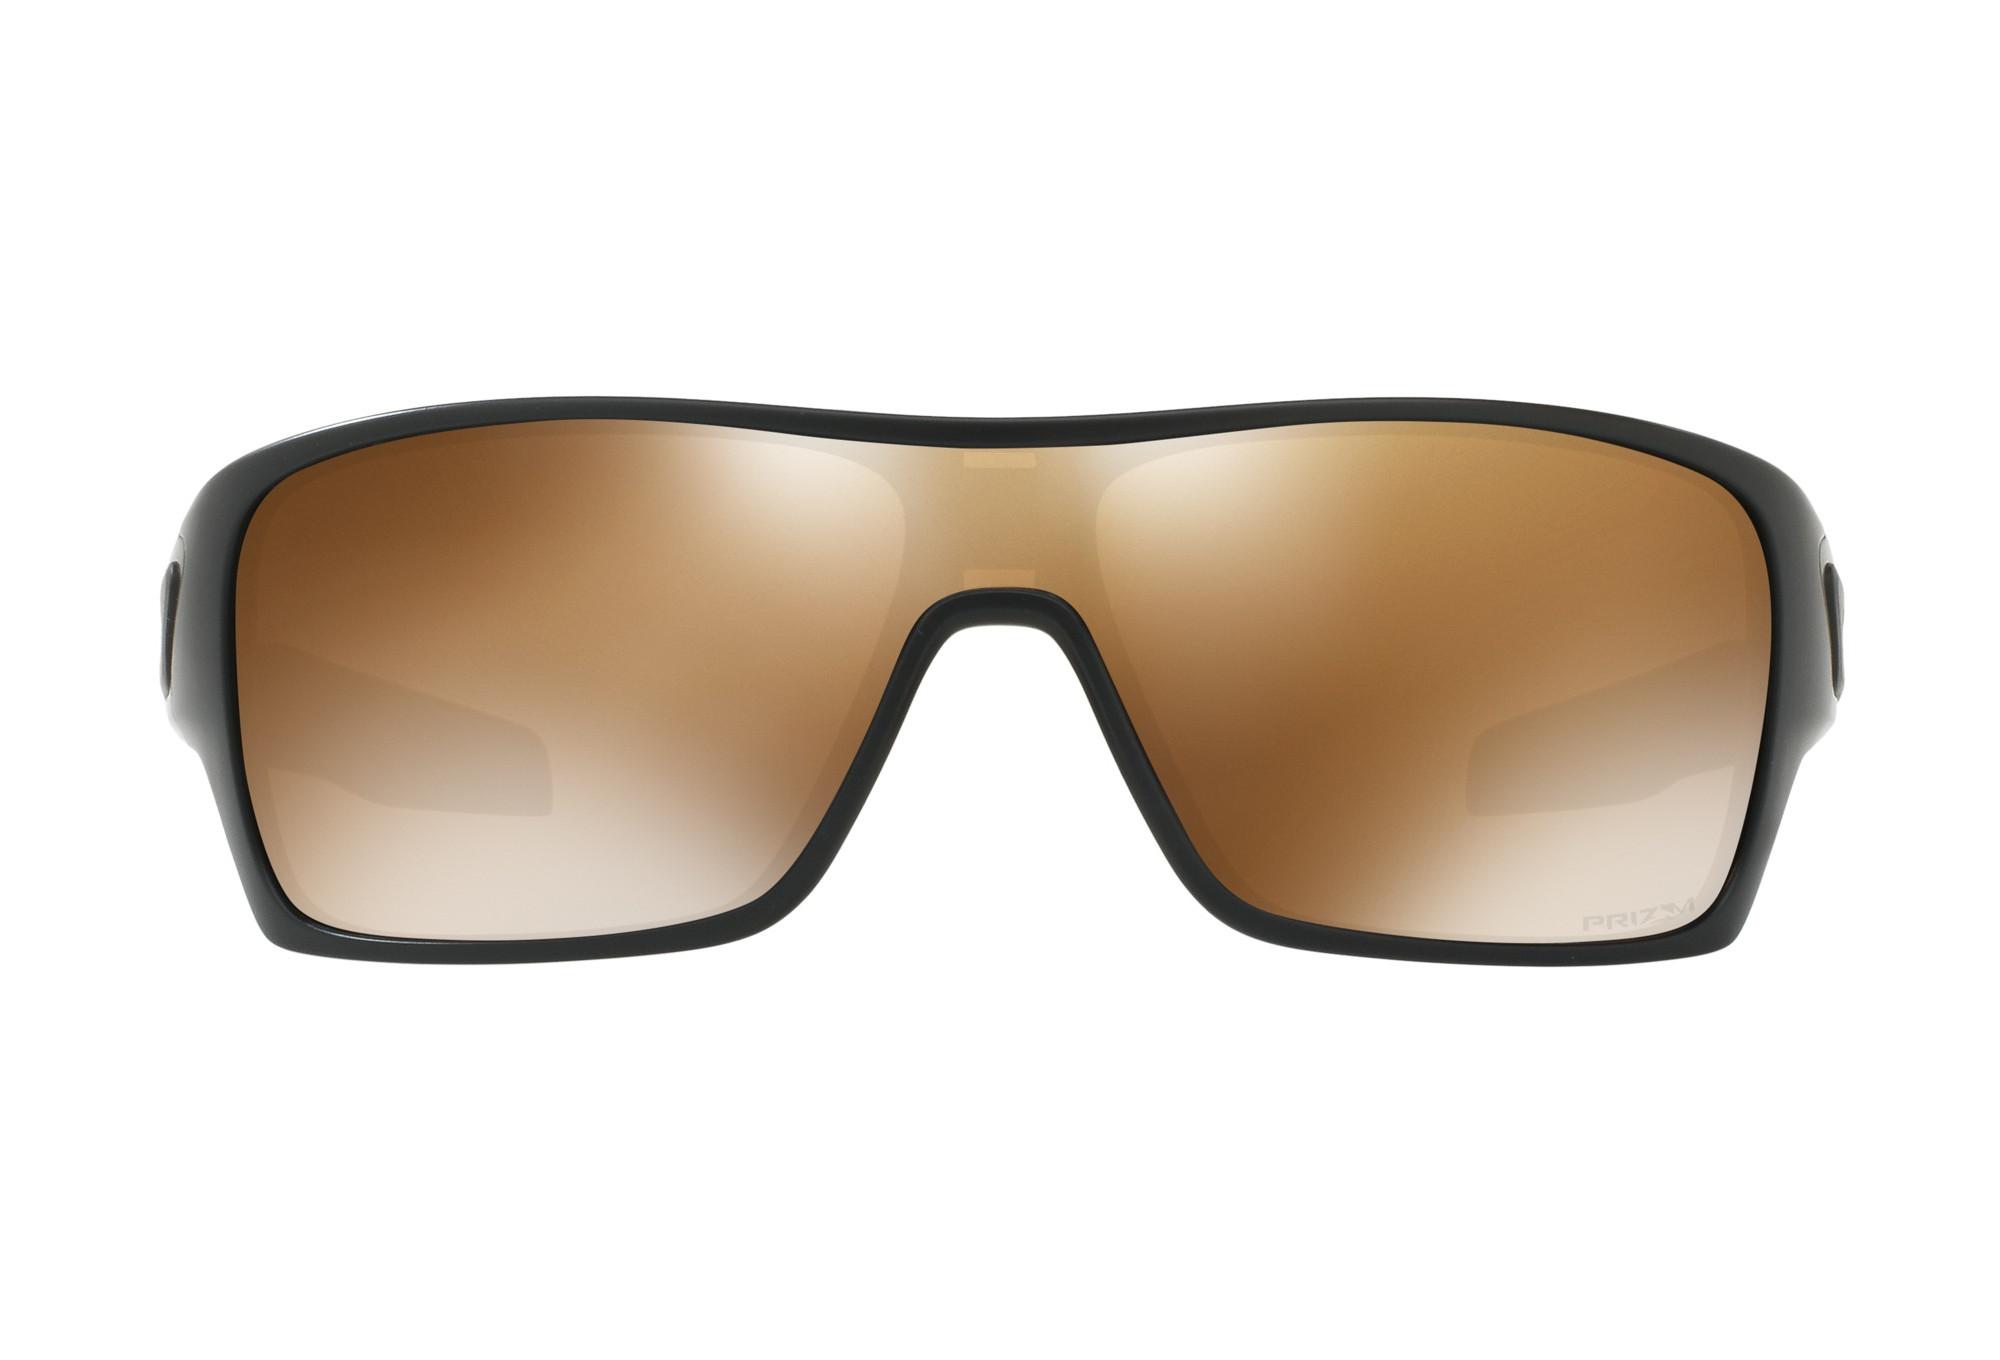 8a401b4b2262 Oakley Prizm Tungsten Frames